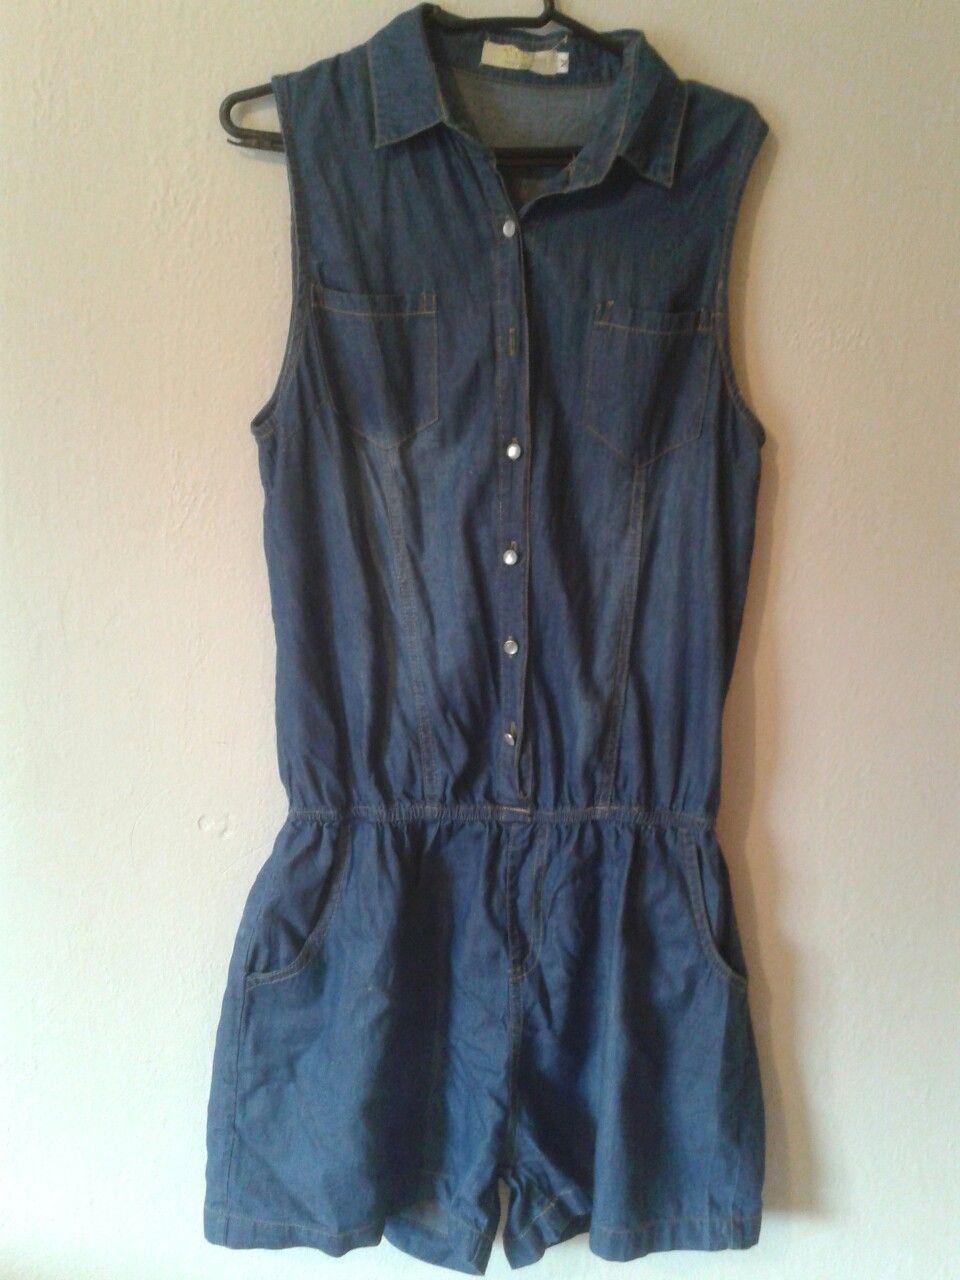 Macacão jeans super confortável e fresco para dias ensolarados e quentes! #modafeminina #macacão